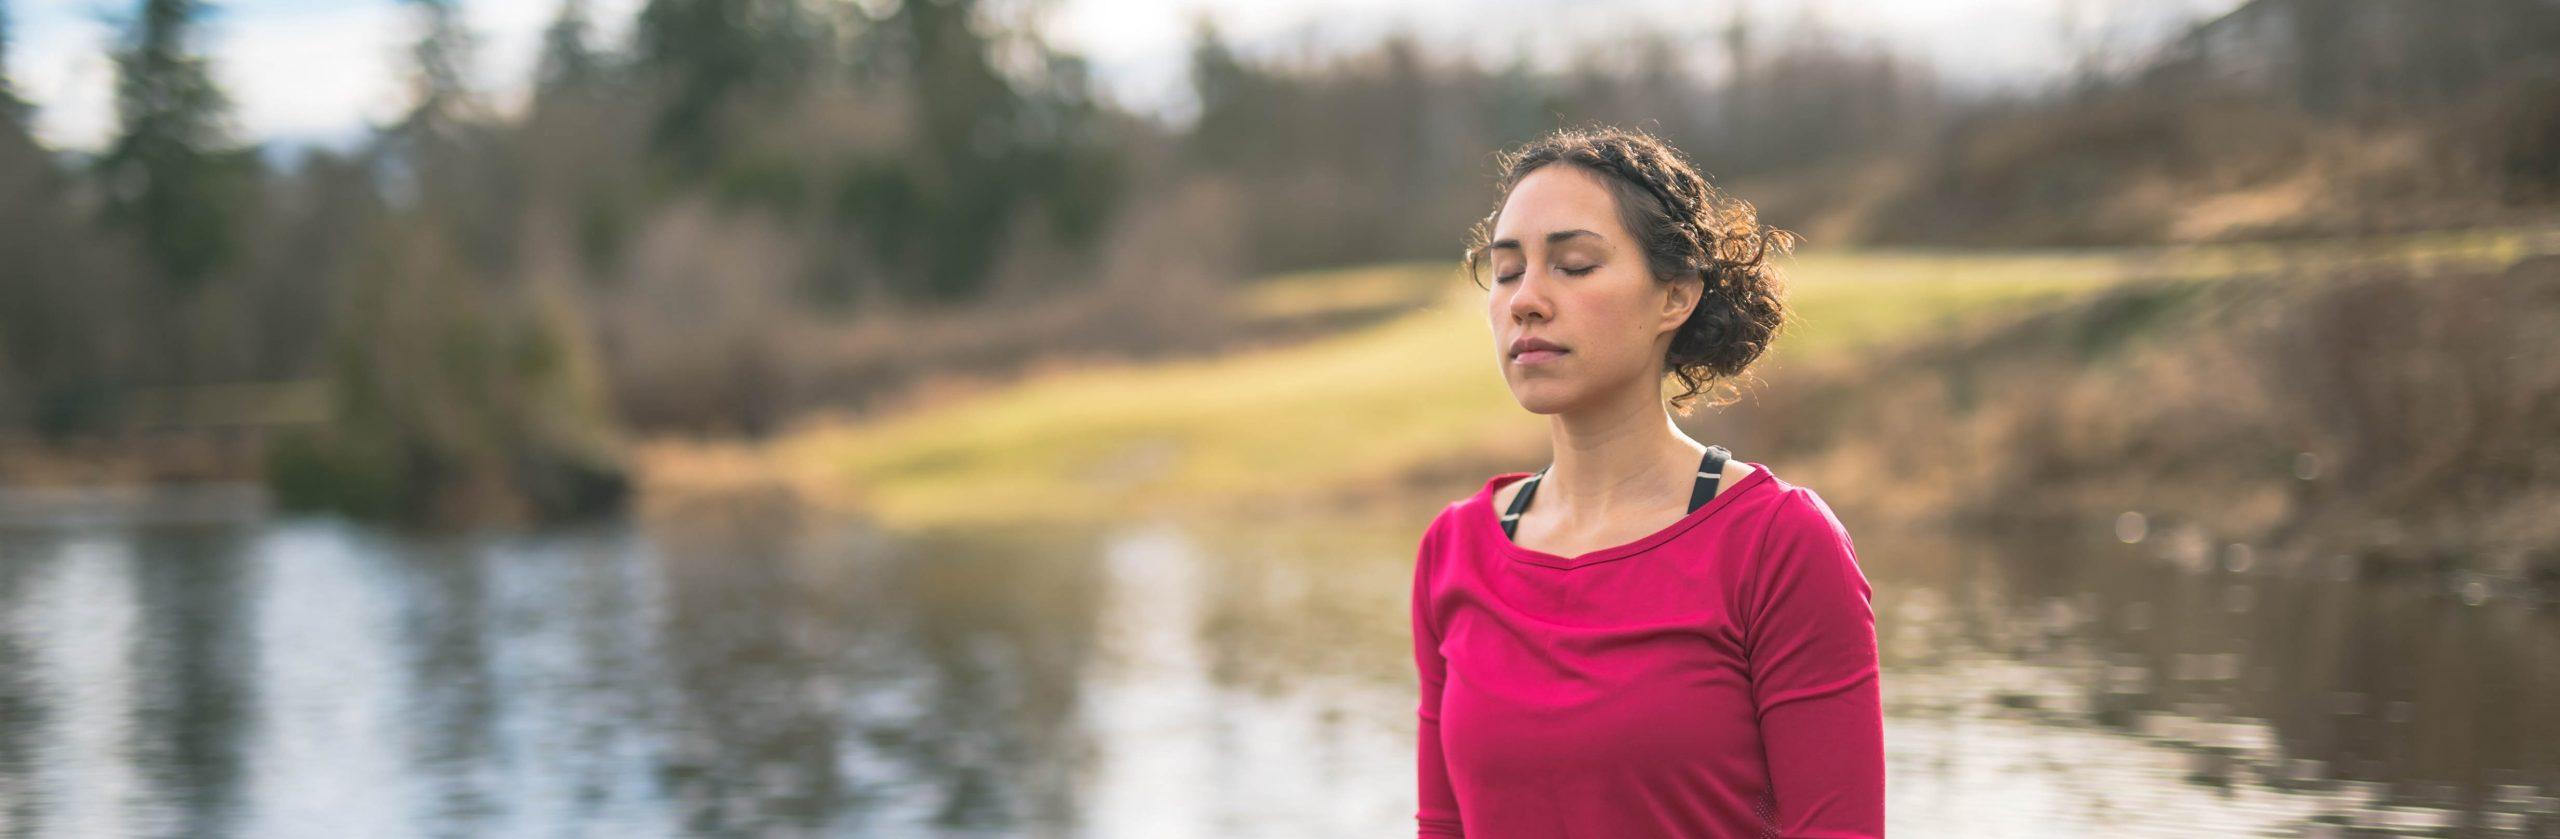 מהי מדיטציה טרנסנדנטלית